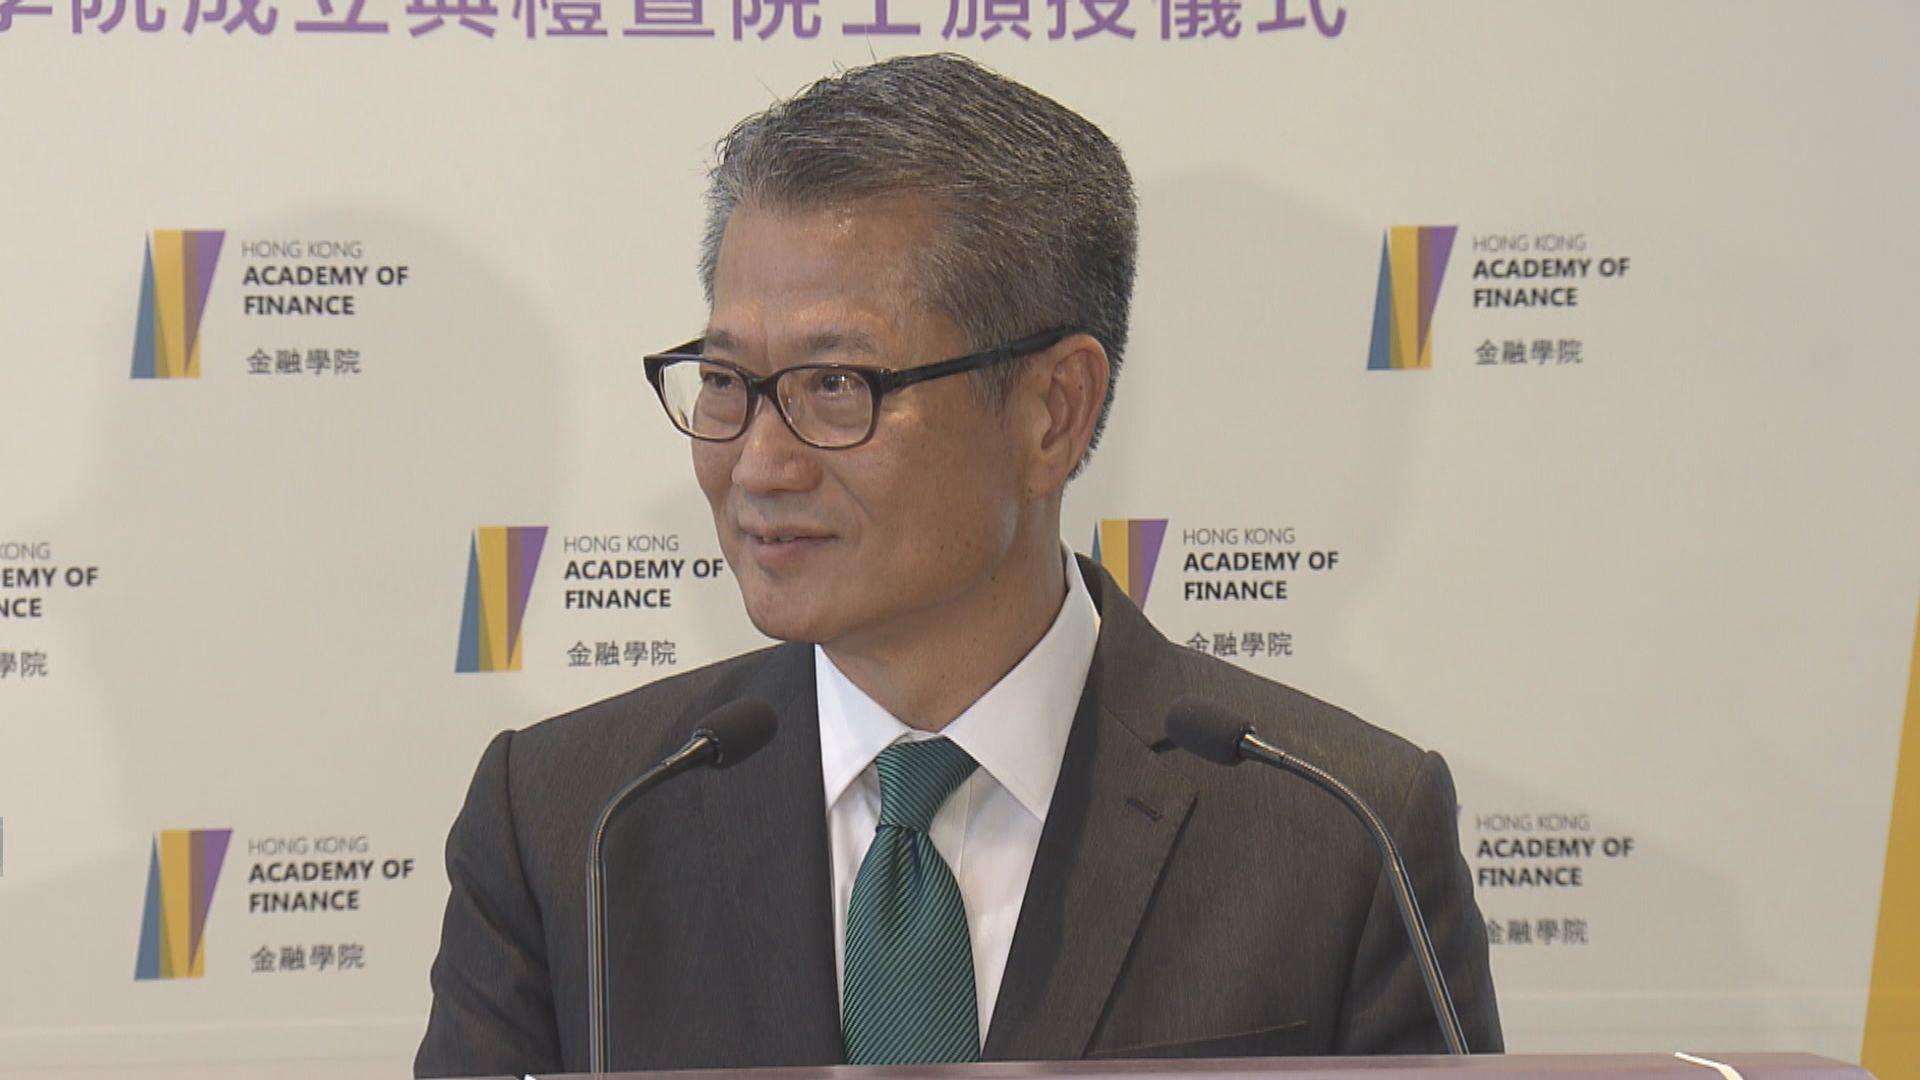 陳茂波:美國目前舉動實際影響有限